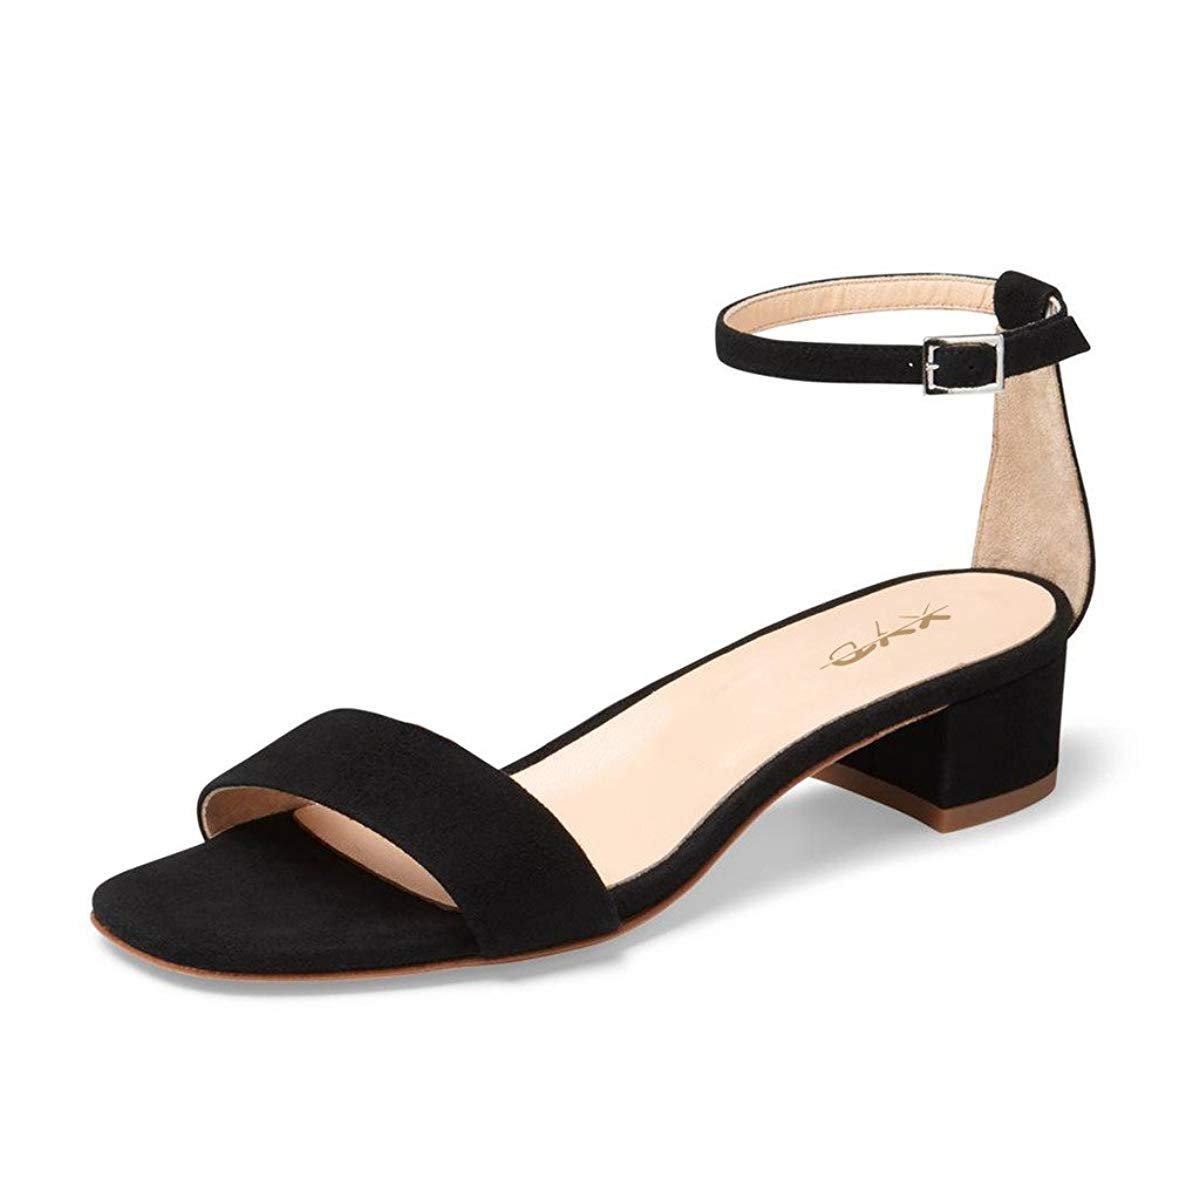 fe12ad19385 XYD Women Open Toe Strappy Low Block Heel Sandal Pumps Ankle Strap Wedding  Dress Shoes Size 9.5 Black